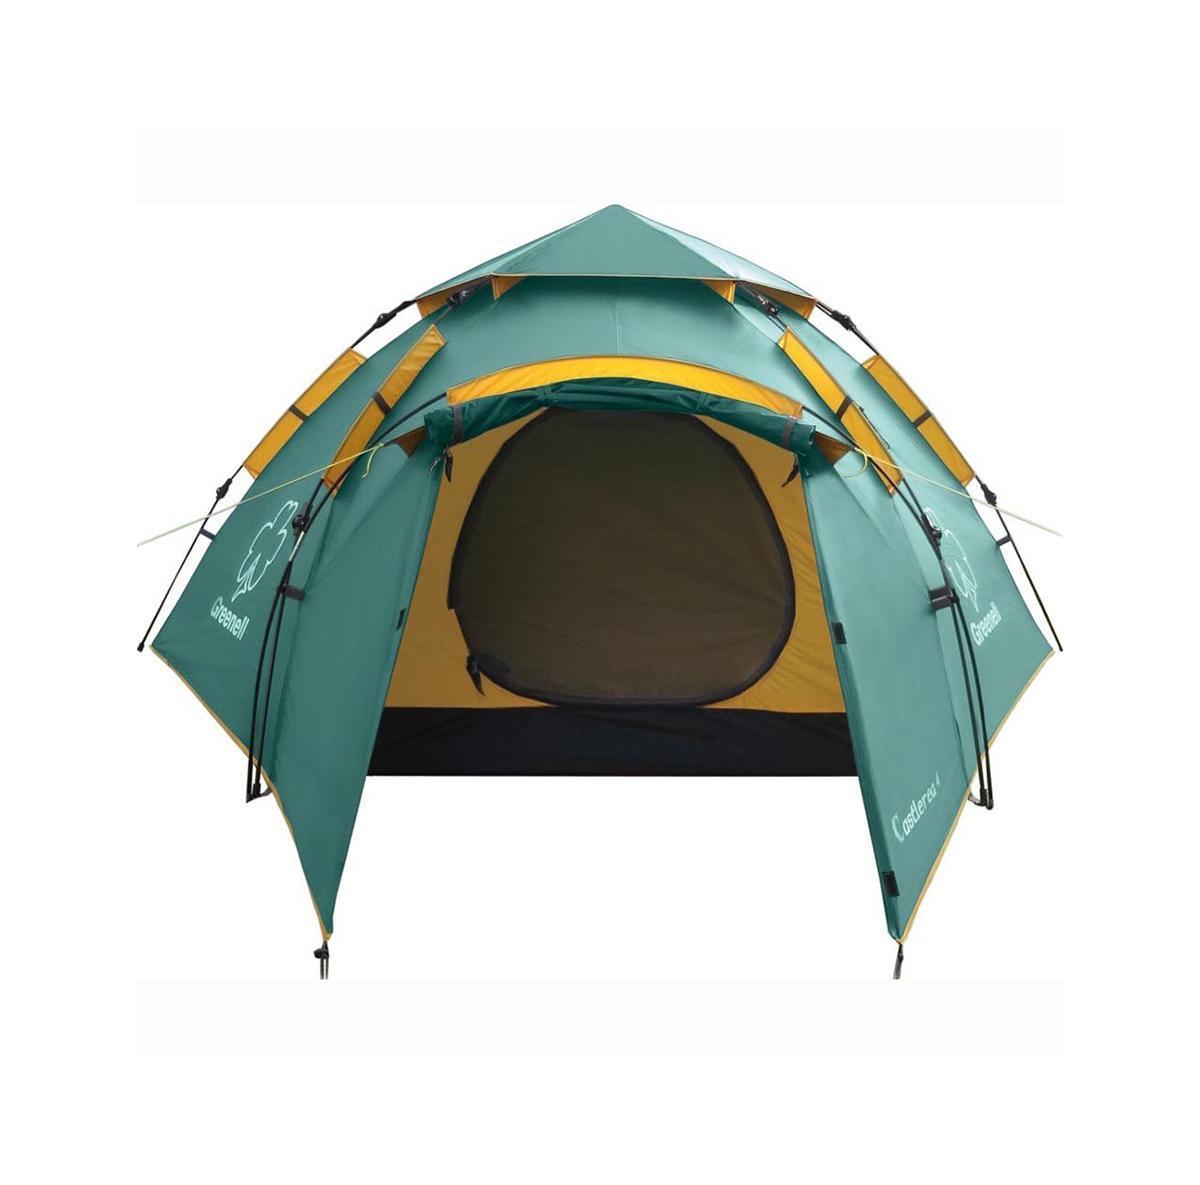 Палатка Greenell Каслрей 4 Green95283-303-00Максимально места на одного человека при минимальном весе палатки Кемпинговая палатка с полуавтоматическим каркасом. Установка за 1 минуту. Двухслойная палатка с дополнительной дугой для тамбура. Один тамбур и два входа. Внутренняя палатка и тент устанавливаются одновременно. Легко ставиться одним человеком. Минимум времени для установки и сборки. Q-образный вход продублирован сеткой. Улучшенная сквозная вентиляция. Проклеенные швы. Облегченная регулировка оттяжек со световозвращающей нитью. Цвет: Зеленый. Сезон: лето.